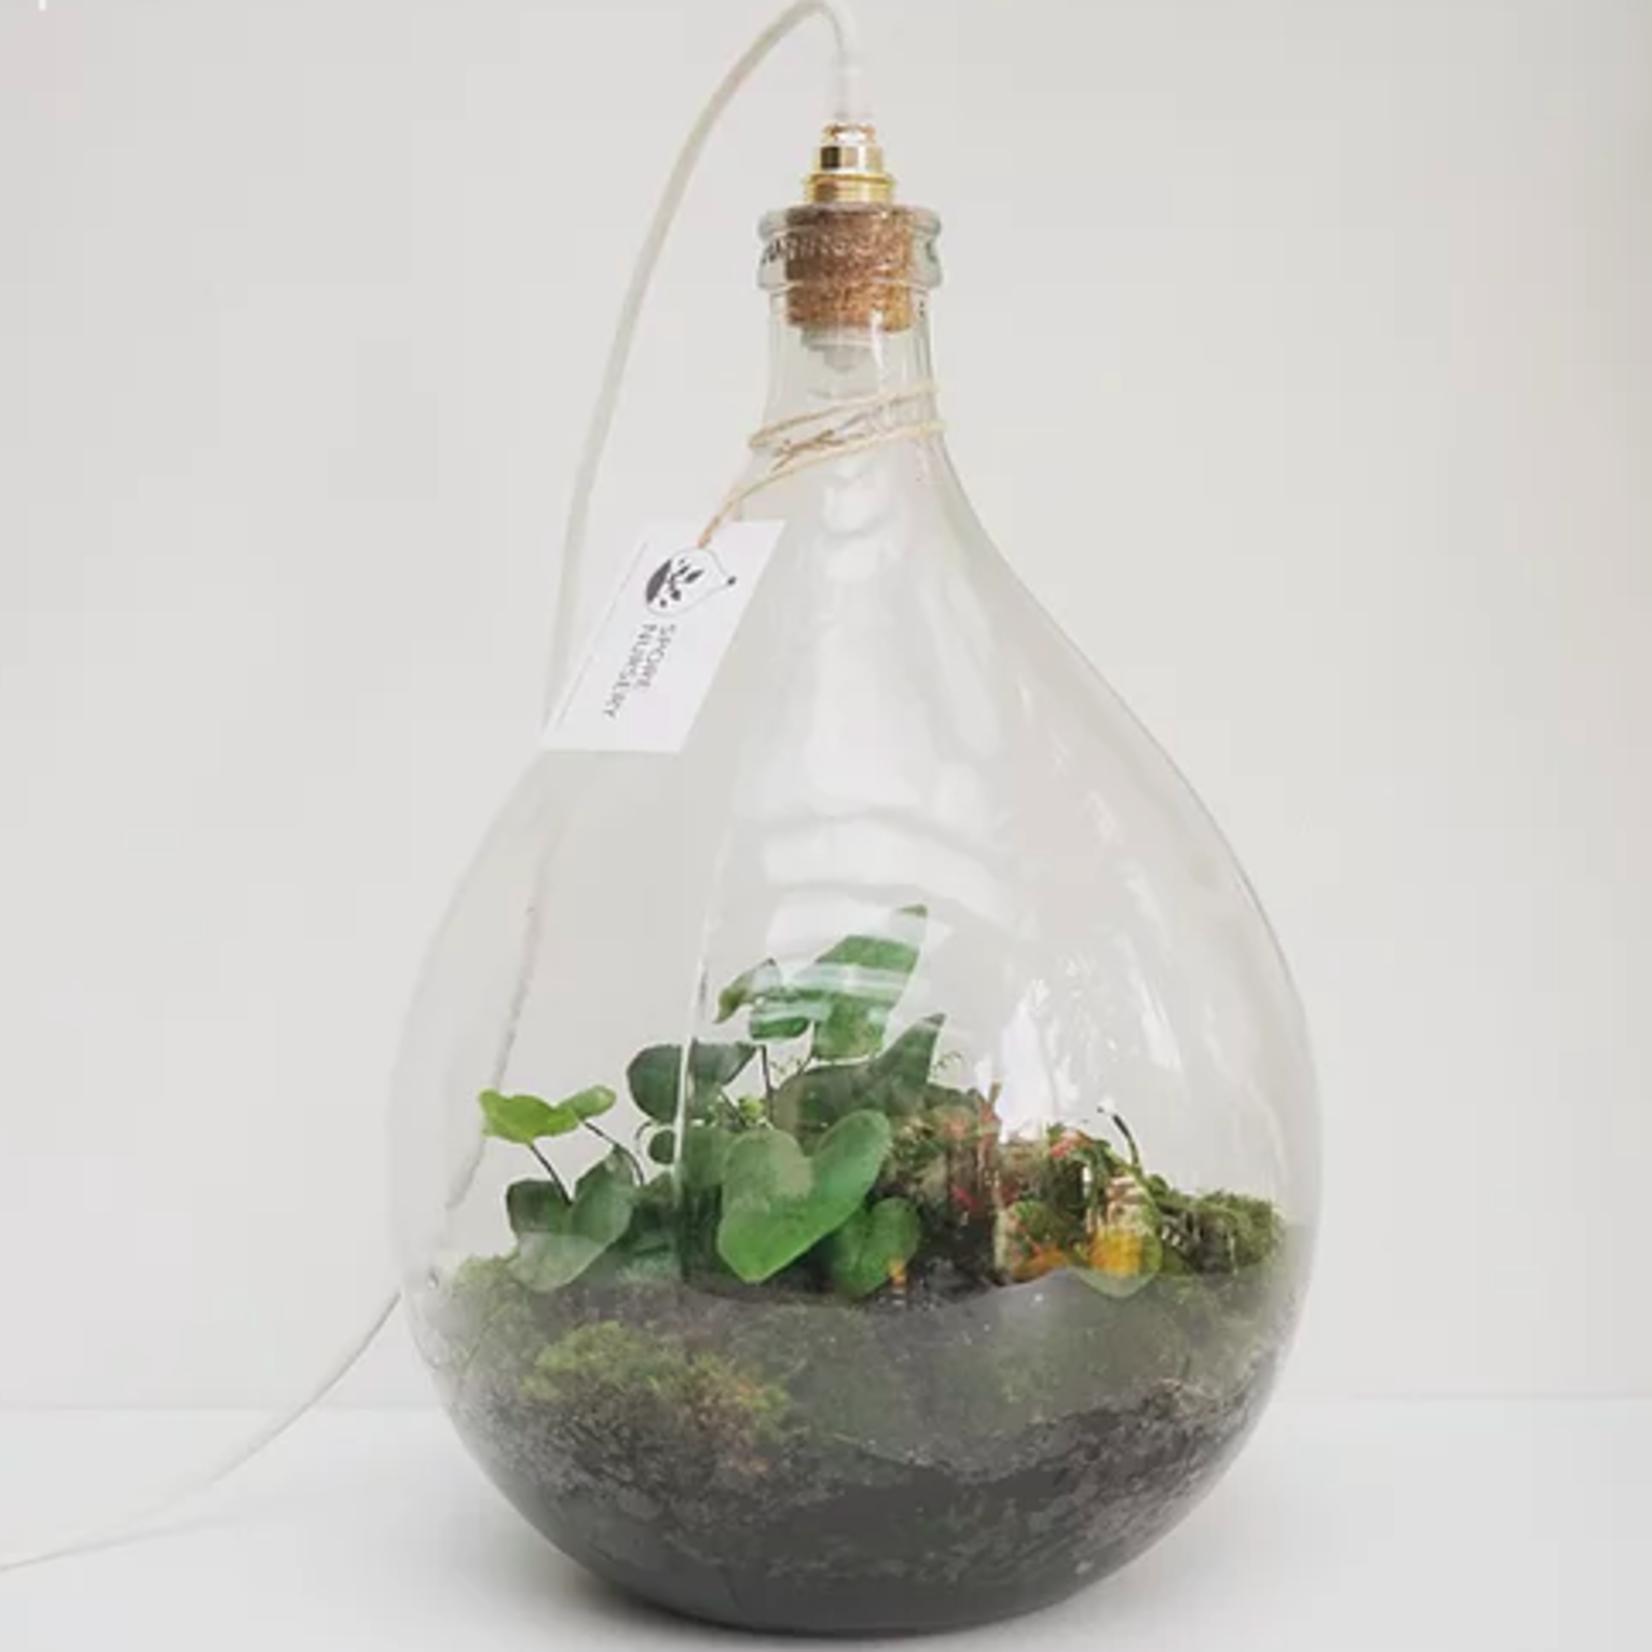 Spore Nursery Biosfeer 54 L met lamp